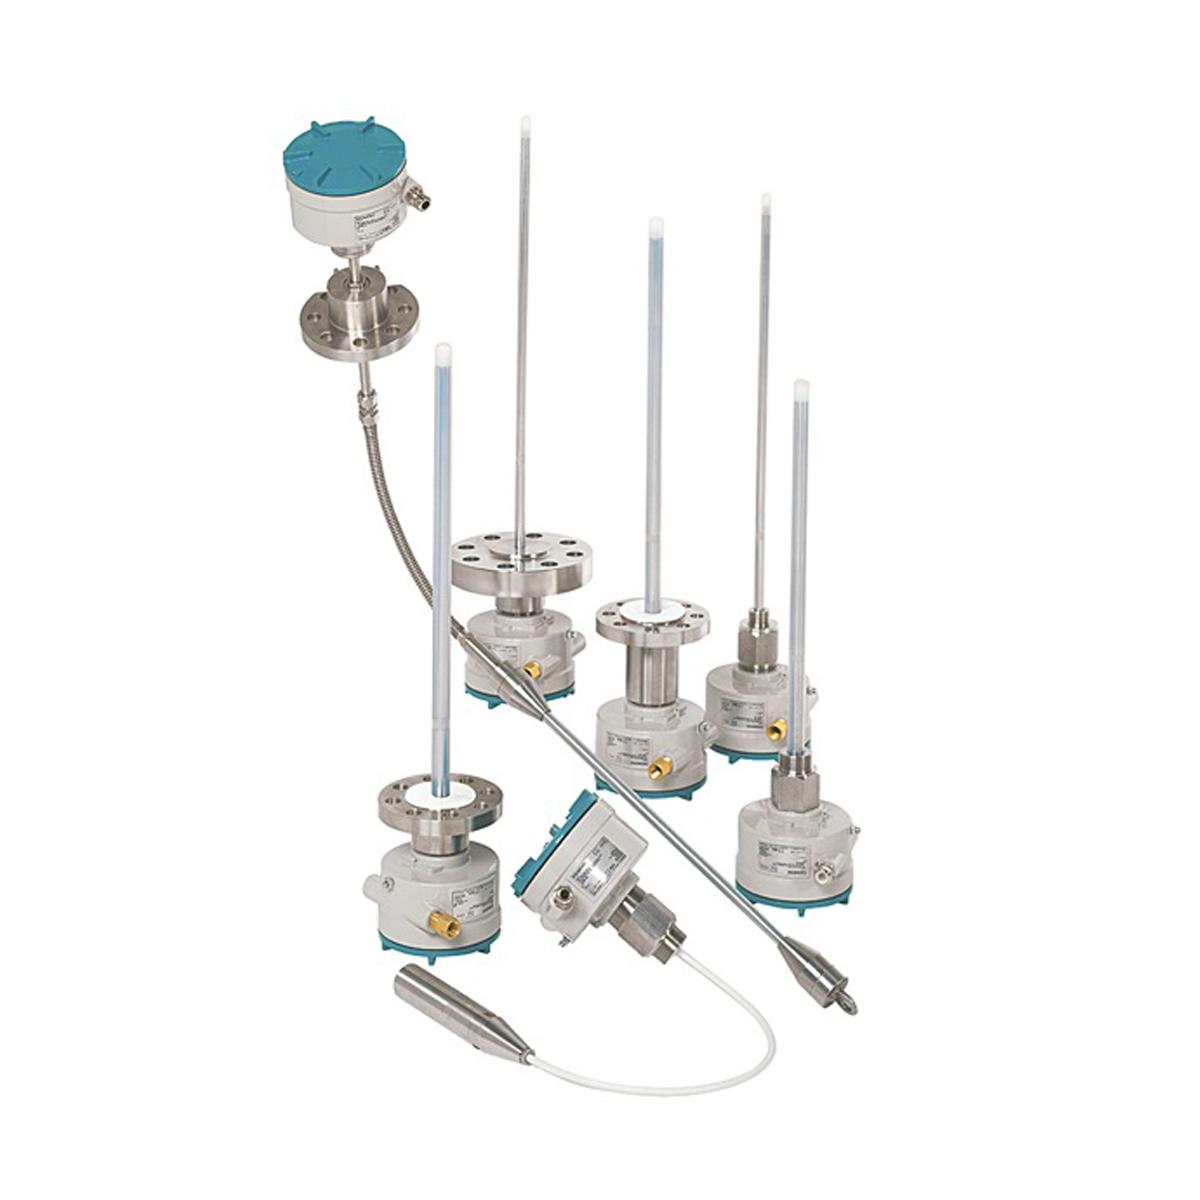 SIEMENS SITRANS LC500 เครื่องวัดระดับของเหลวและผงเมล็ดแบบคาปาซิแตนซ์